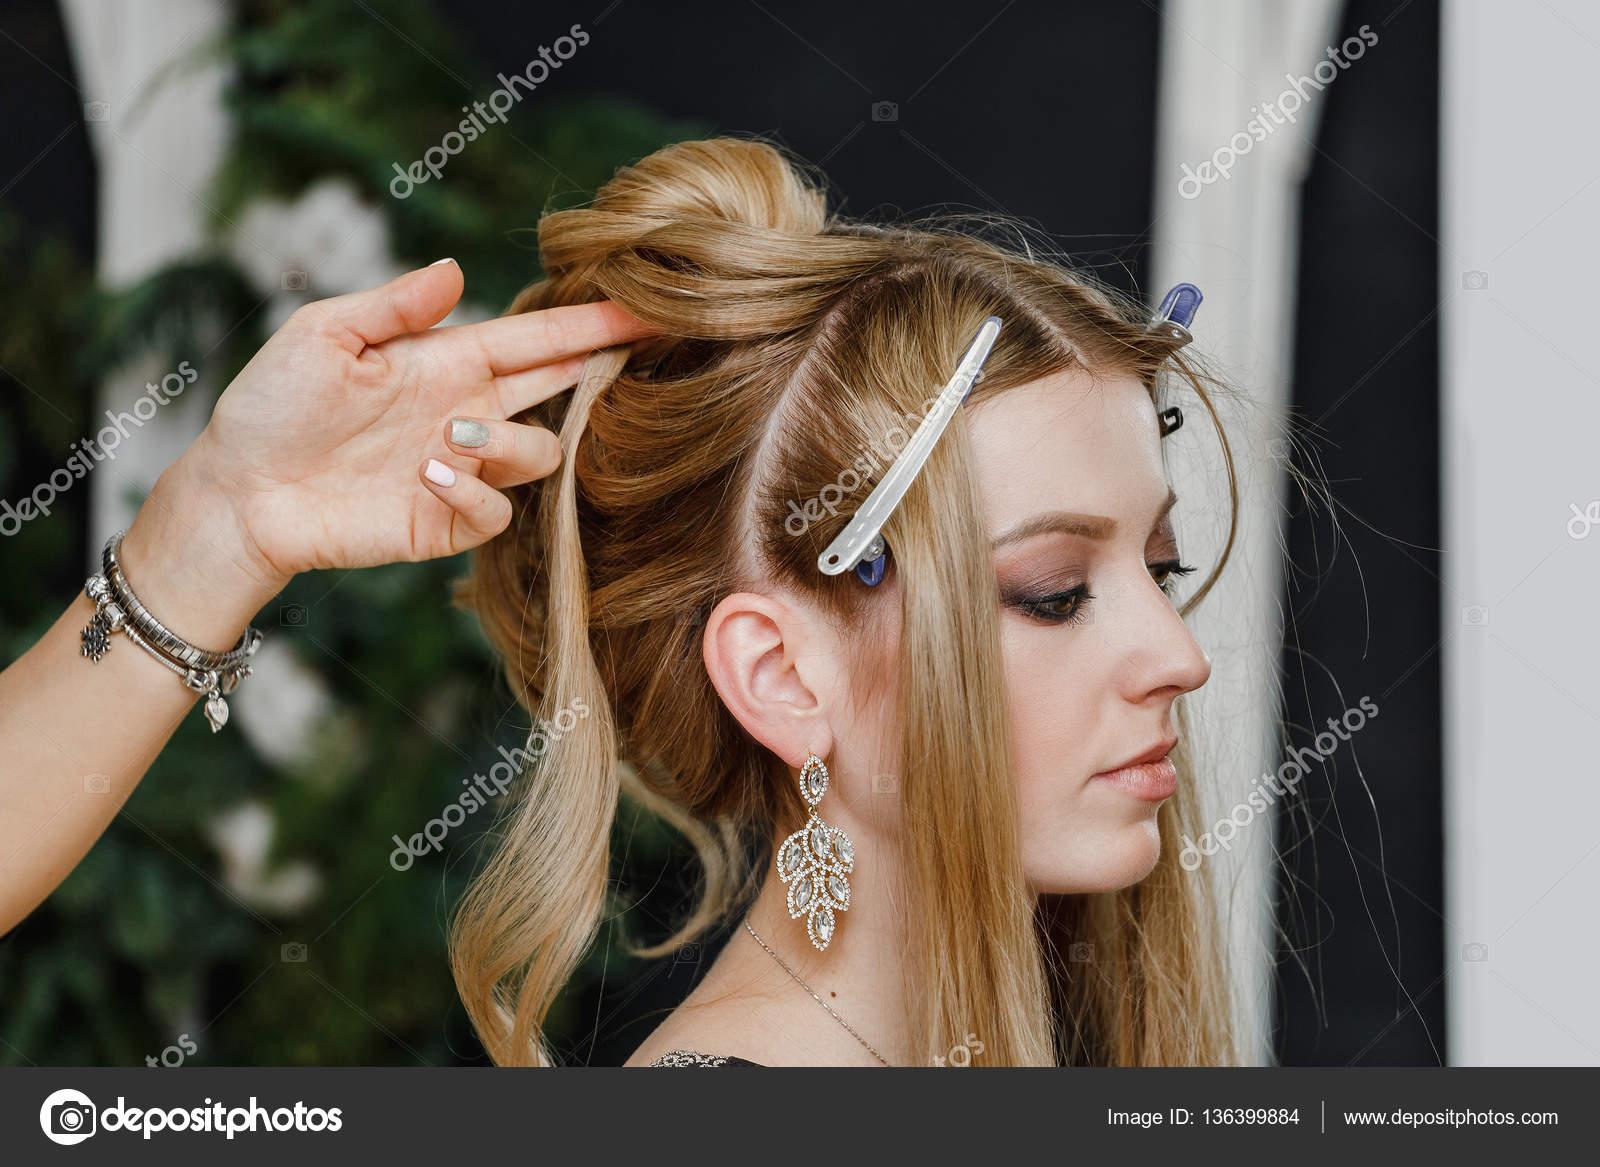 Friseur Salon Erstellen Frisuren Vom Friseur Innenaufnahme